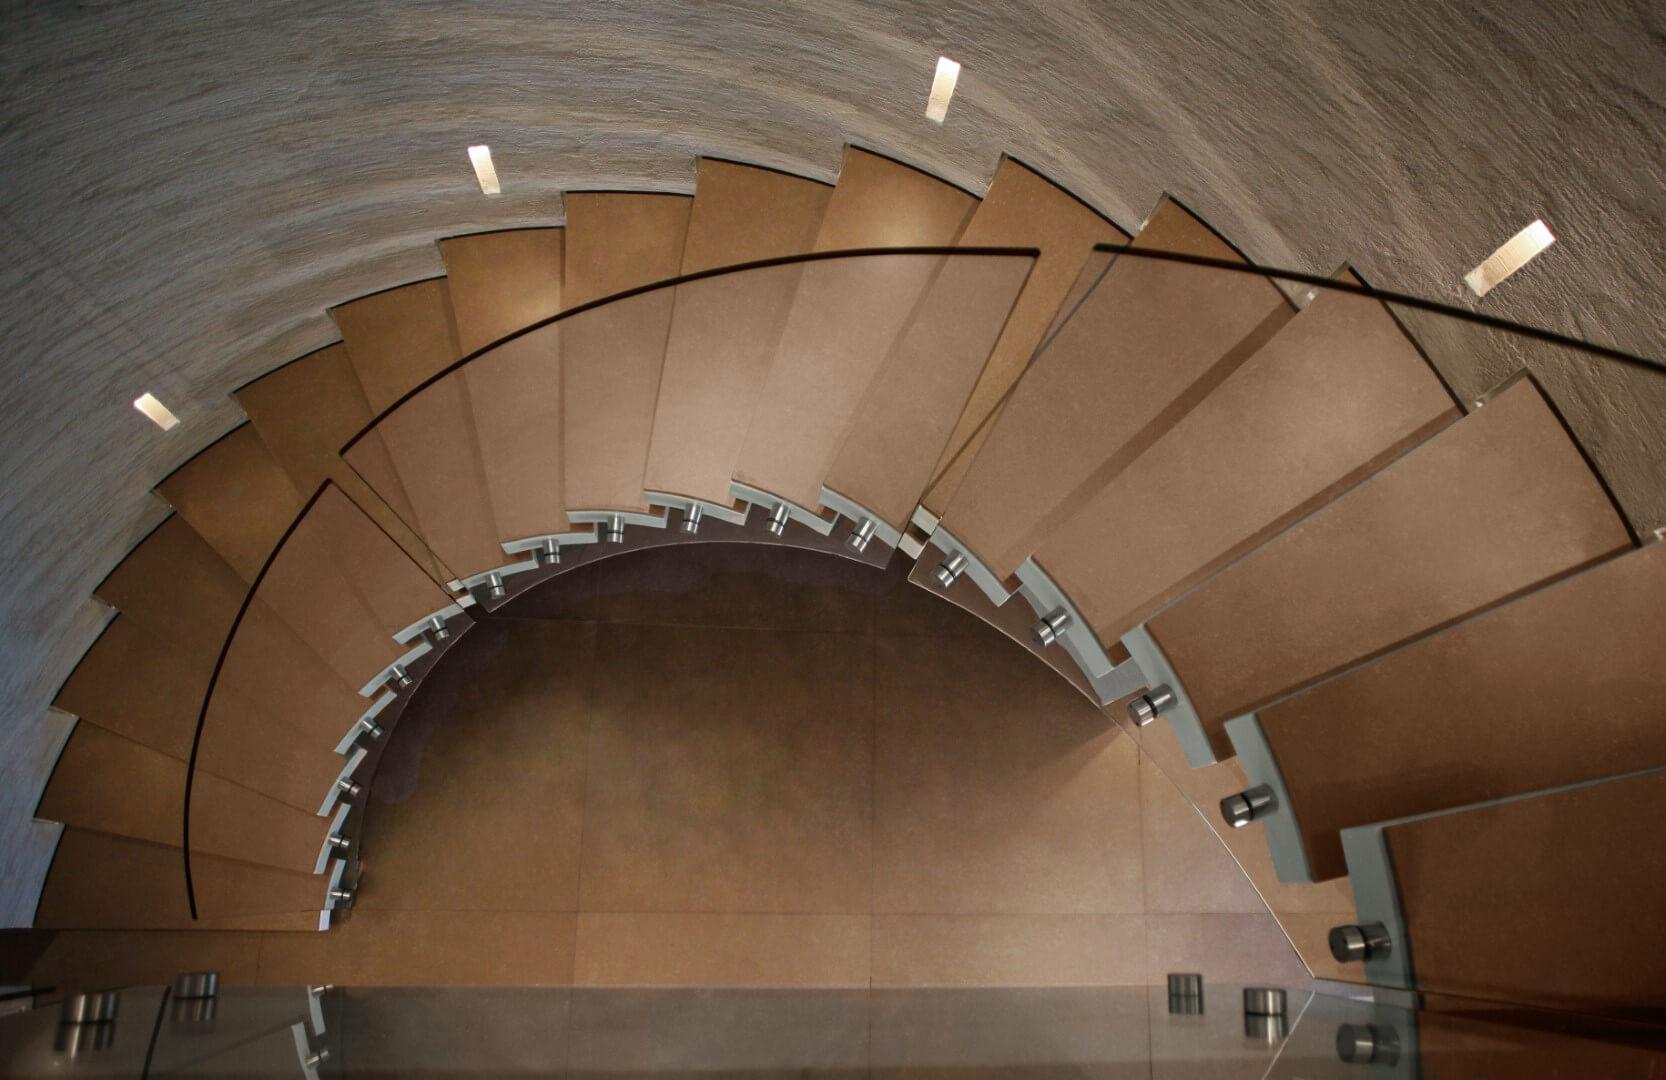 מבט מלמעלה על מדרגות לולייניות ספיראלה מקוריאן עם מעקה ספירלי מזכוכית